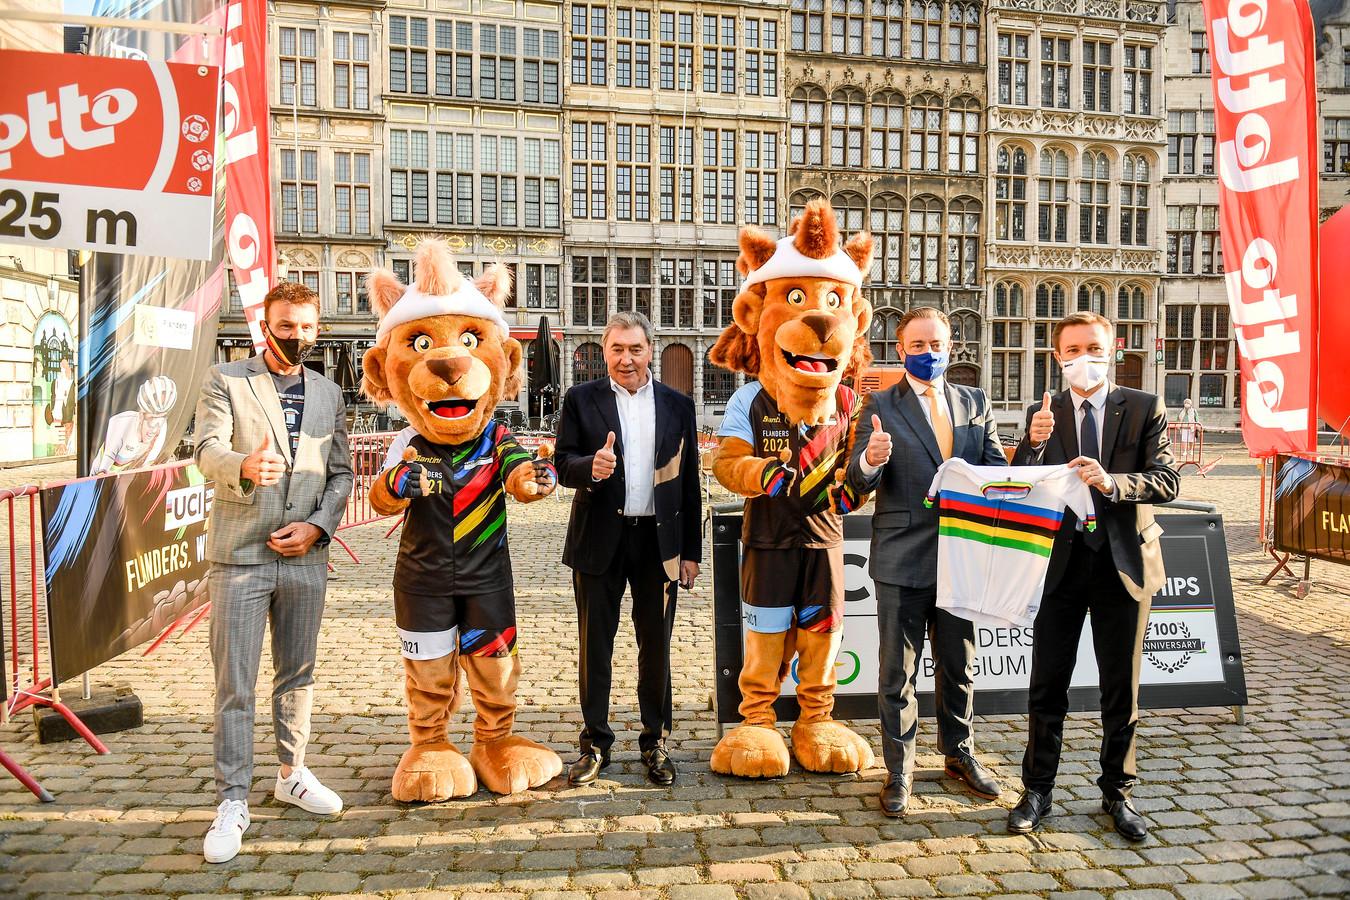 Johan Museeuw, Eddy Merckx, Bart De Wever en UCI-president David Lappartient bij de voorstelling van het parcours van het WK 2021 op de Grote Markt in Antwerpen.